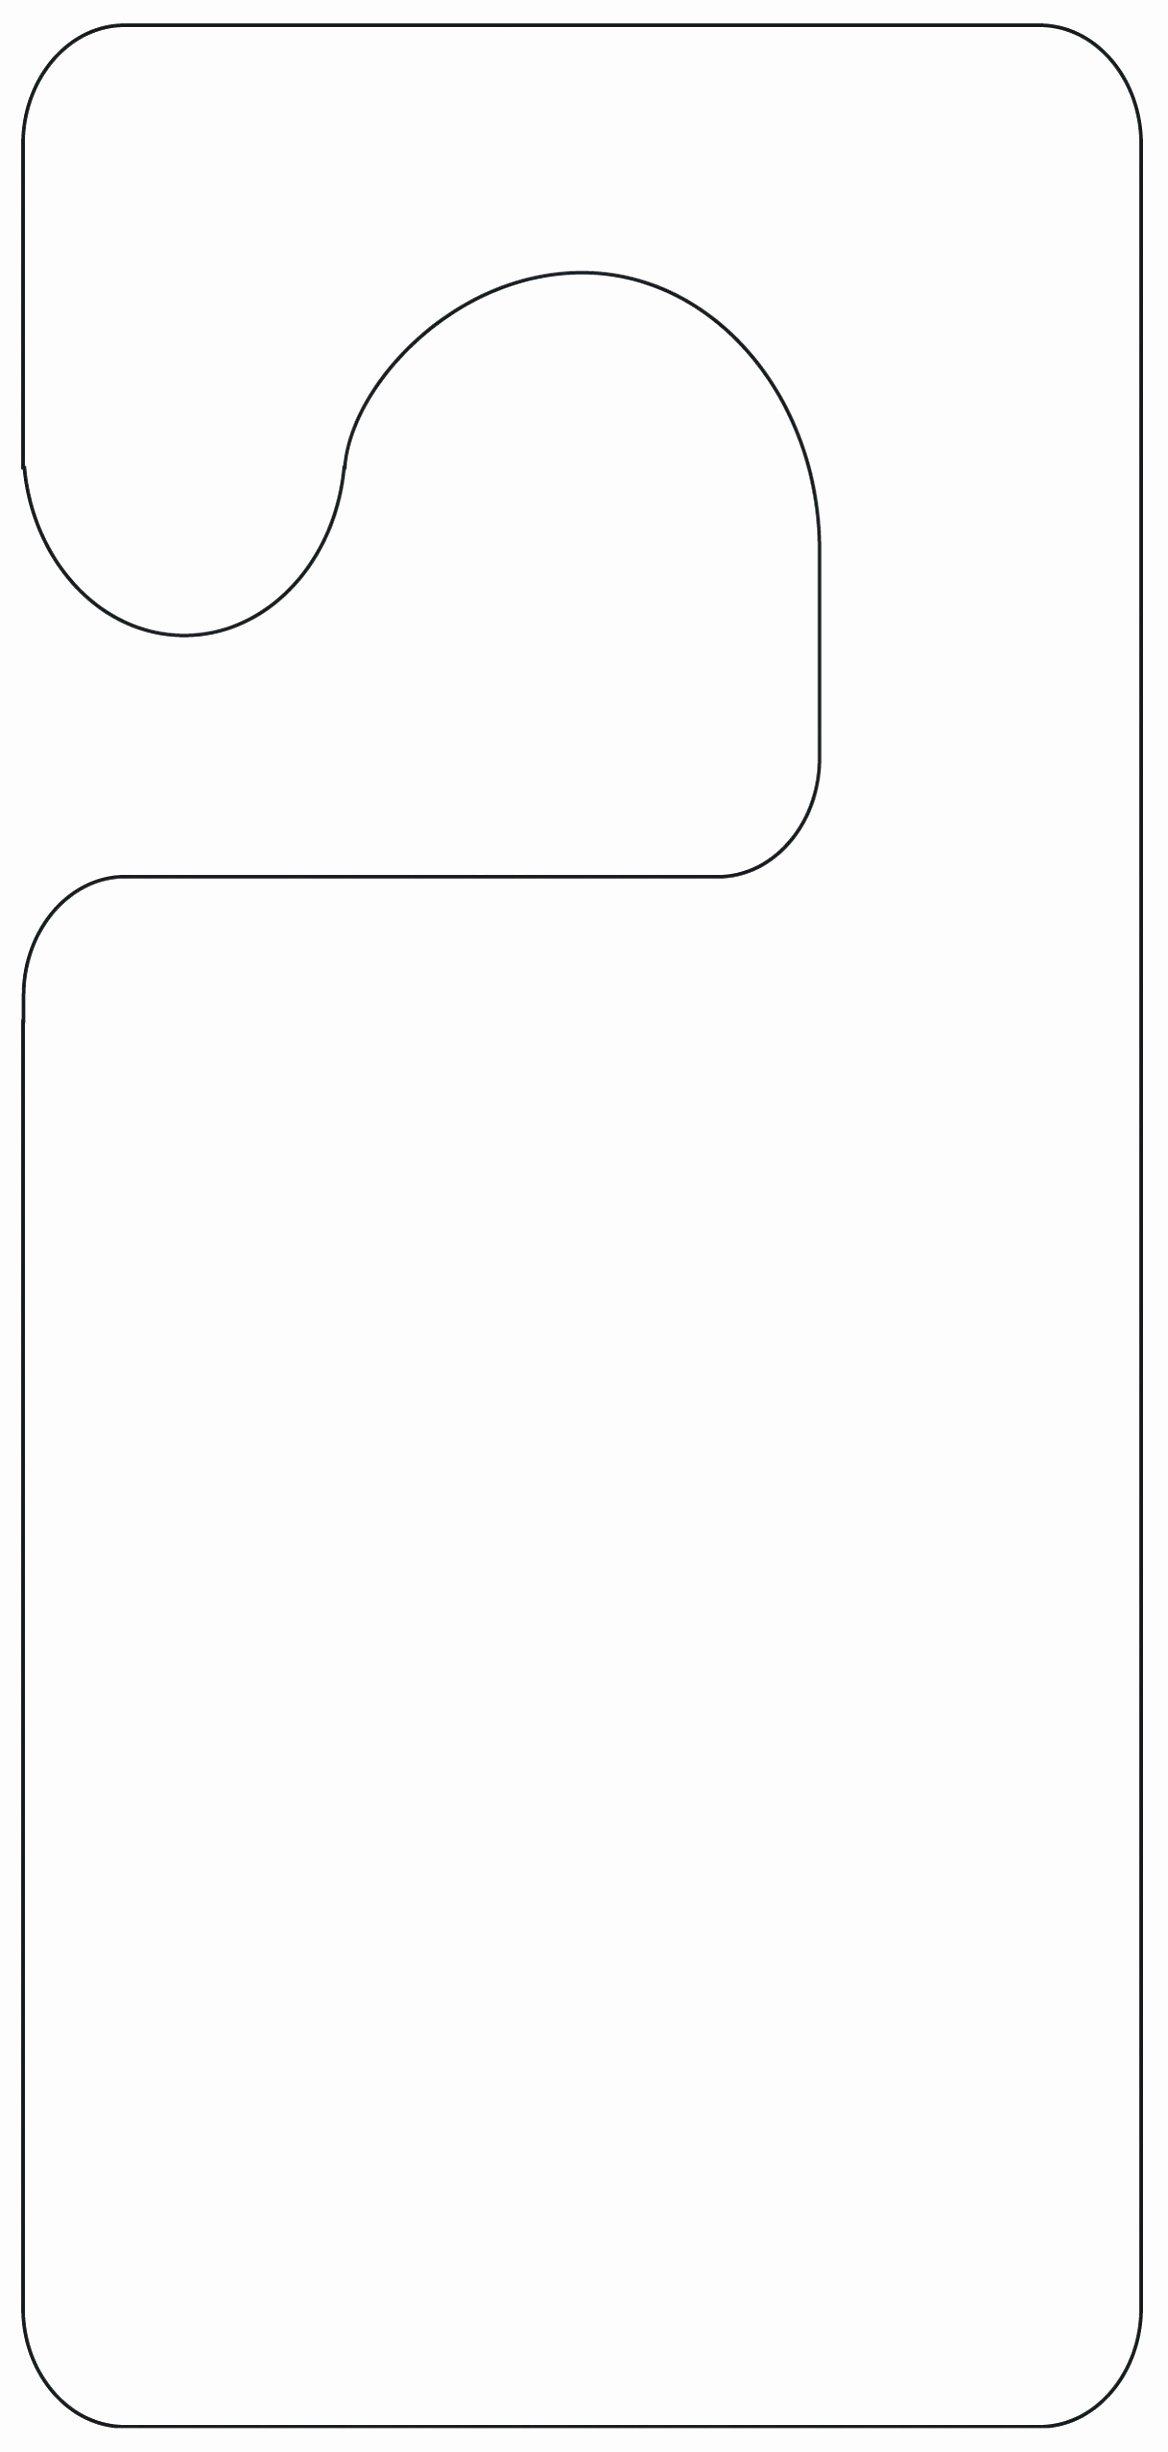 Door Hanger Template Pdf New 5 Blank Door Hanger Template for Word Uawrc